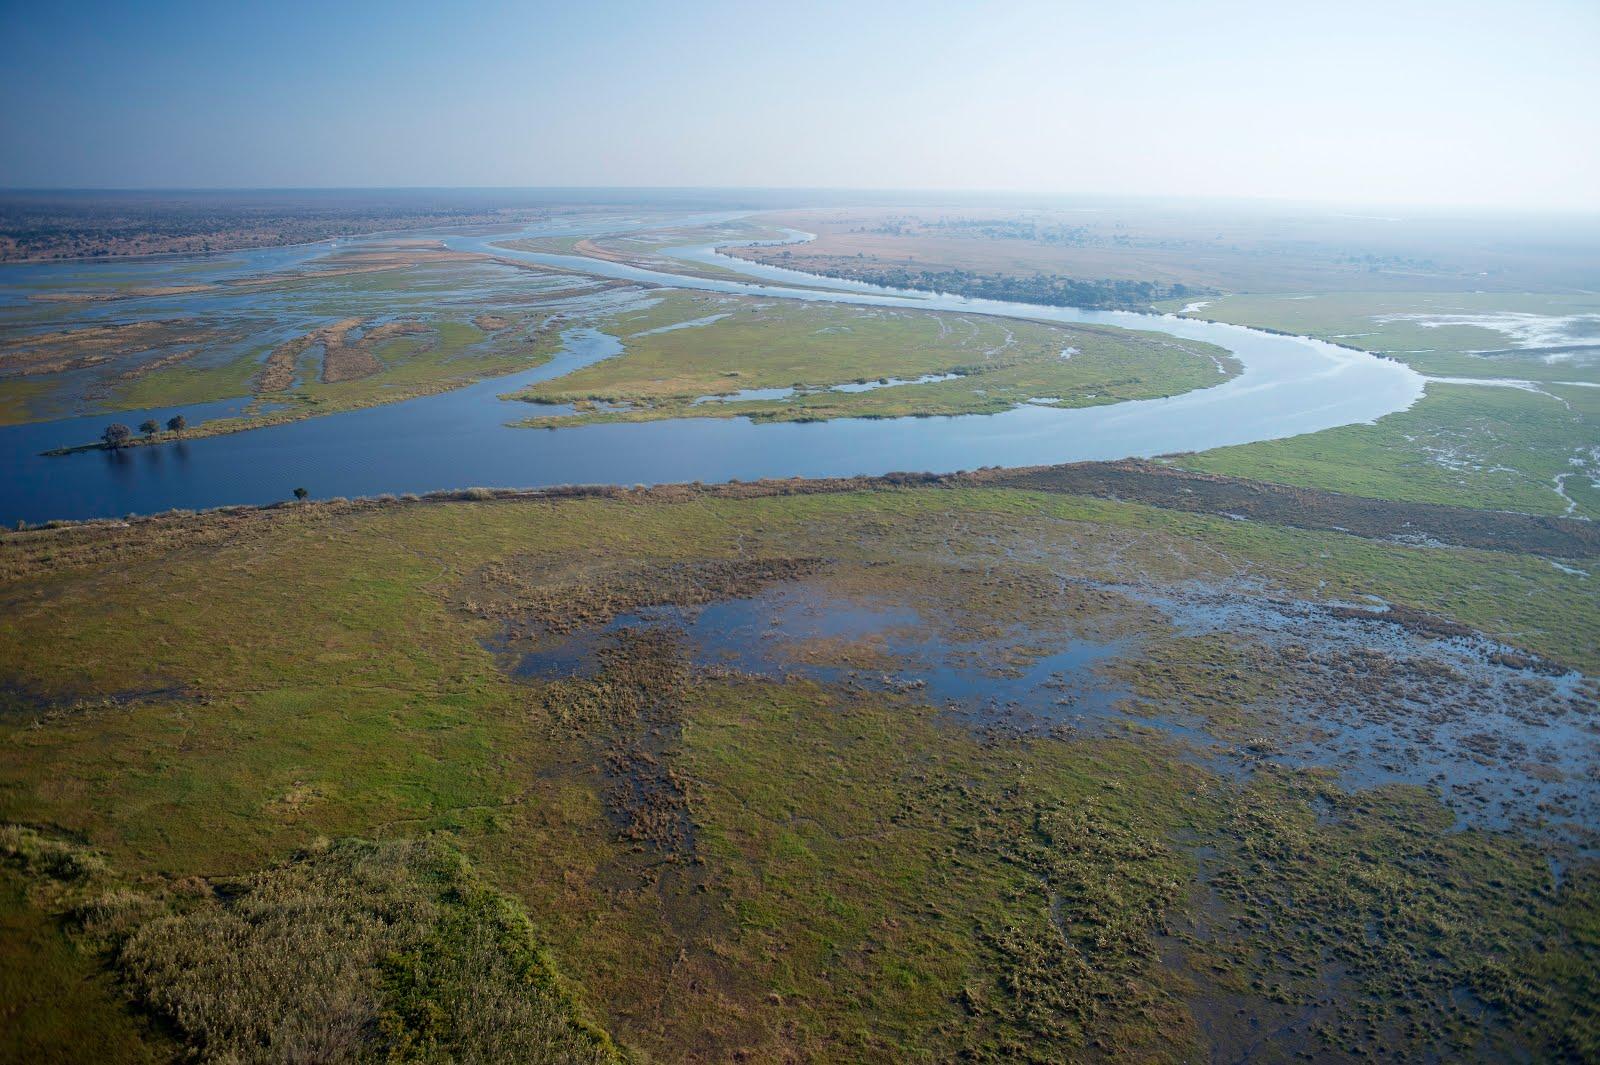 Project study site Chobe Botswana